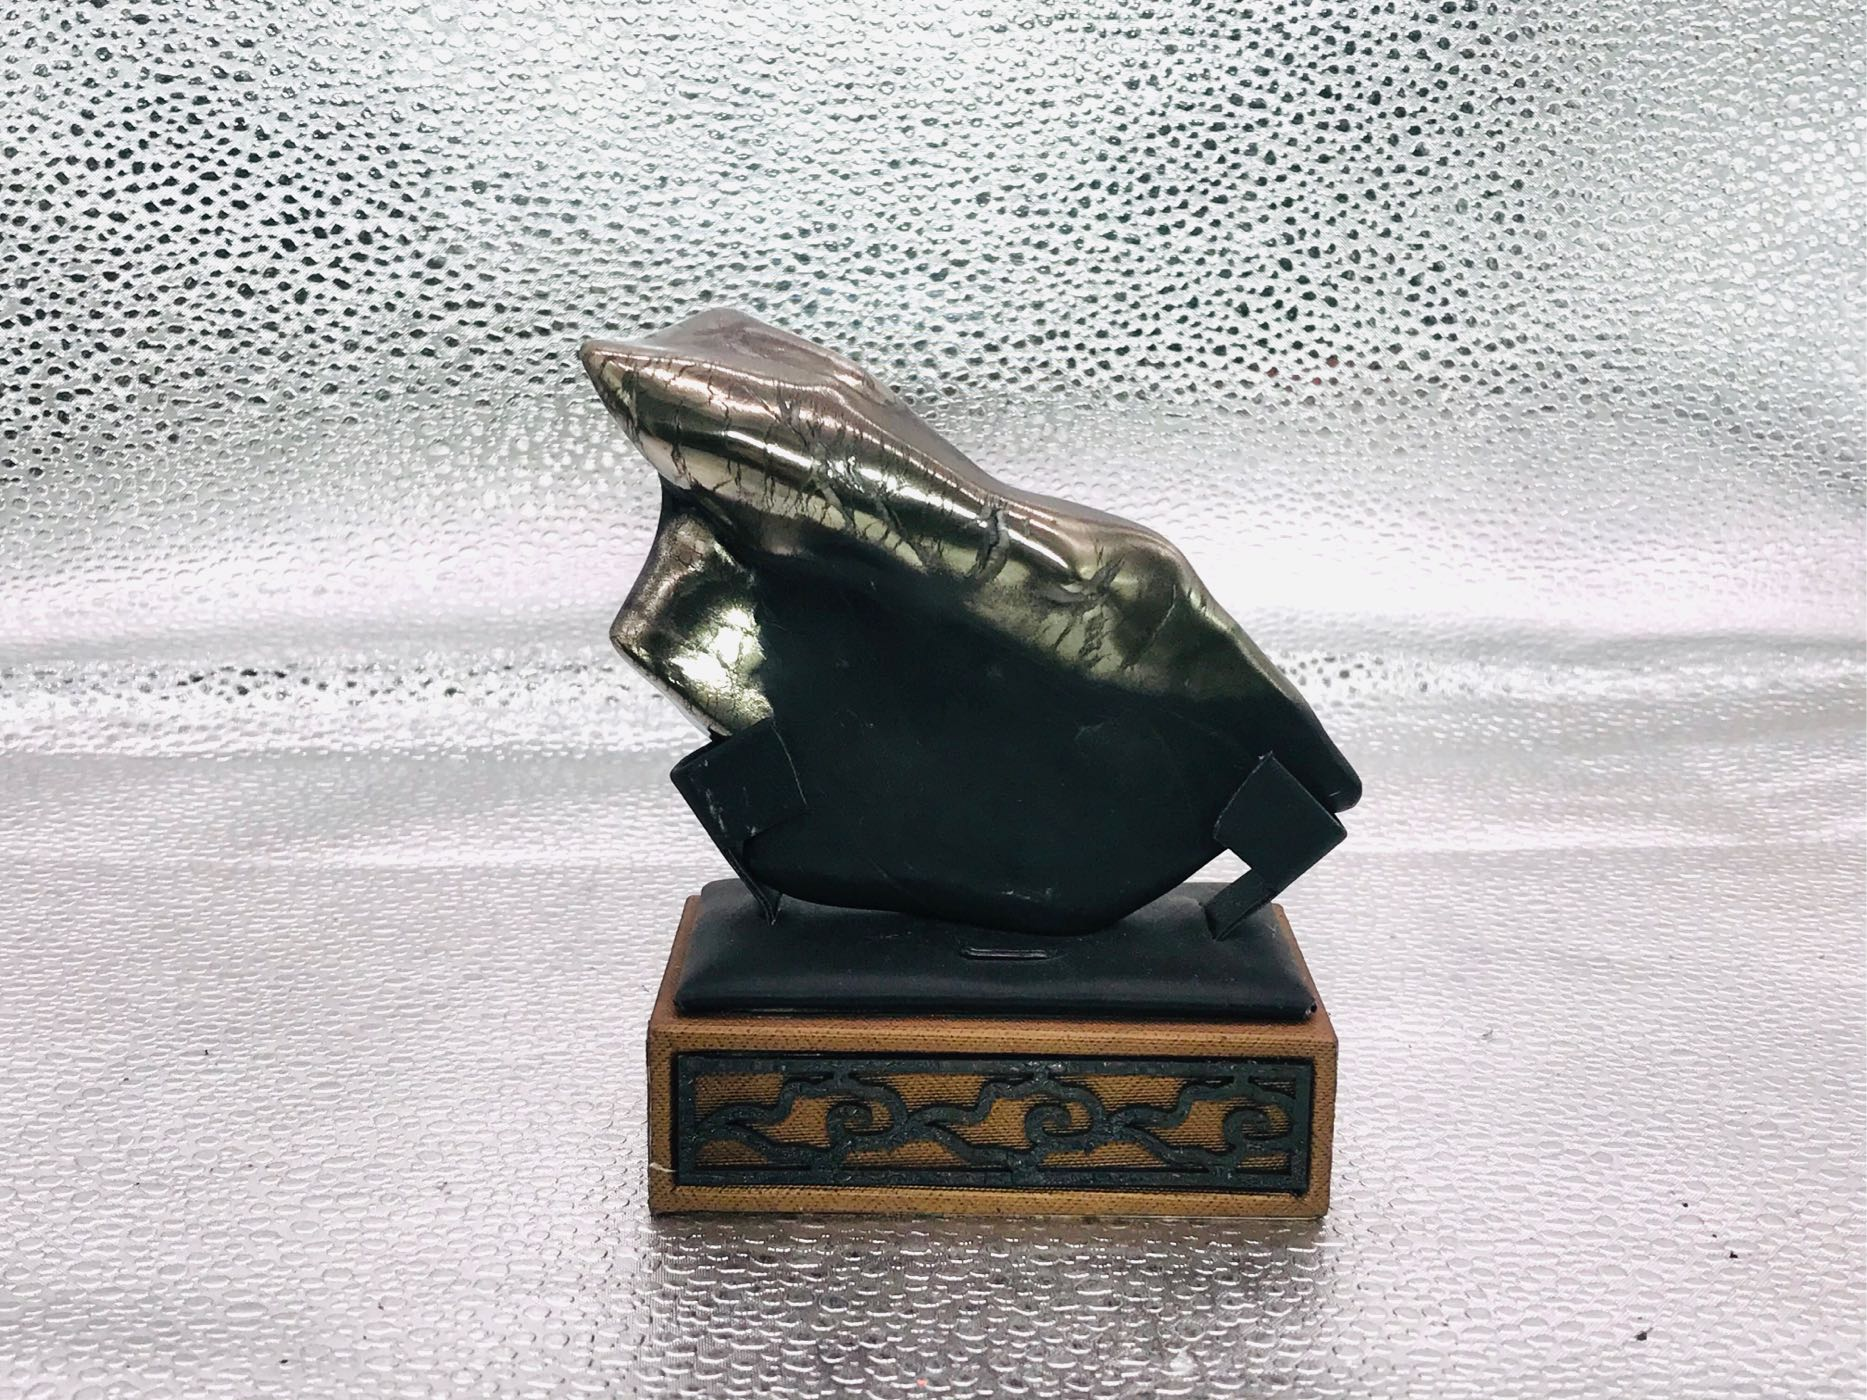 龍紋石。原型拋光。造型特殊、漂亮905